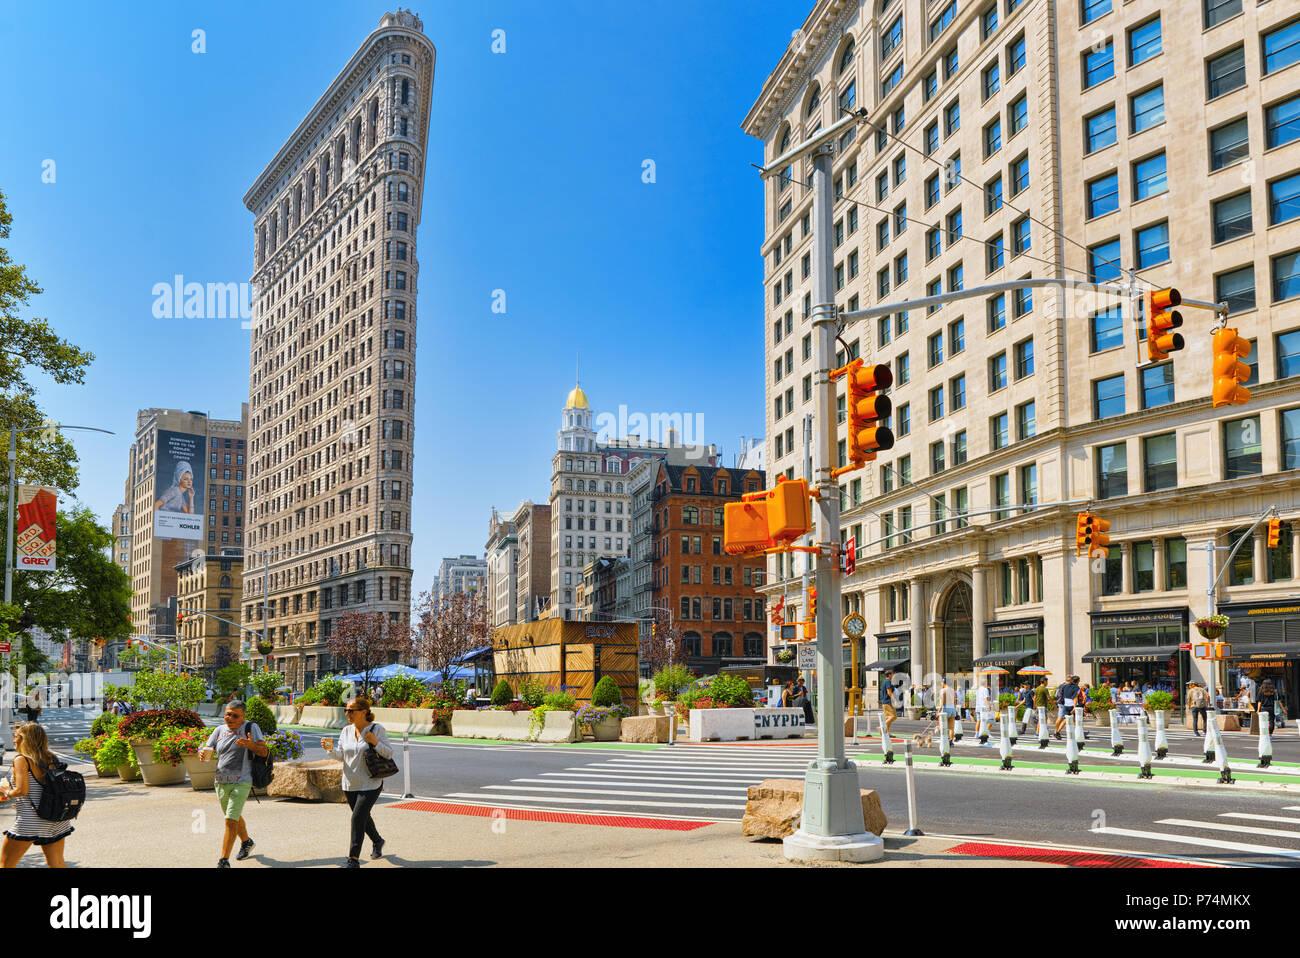 New York, Stati Uniti d'America - 05 Settembre 2017 : Flatiron Building sulla Quinta Avenue vicino Madison Square Park. Vedute urbane di New York. Street, cittadini e turisti su Immagini Stock